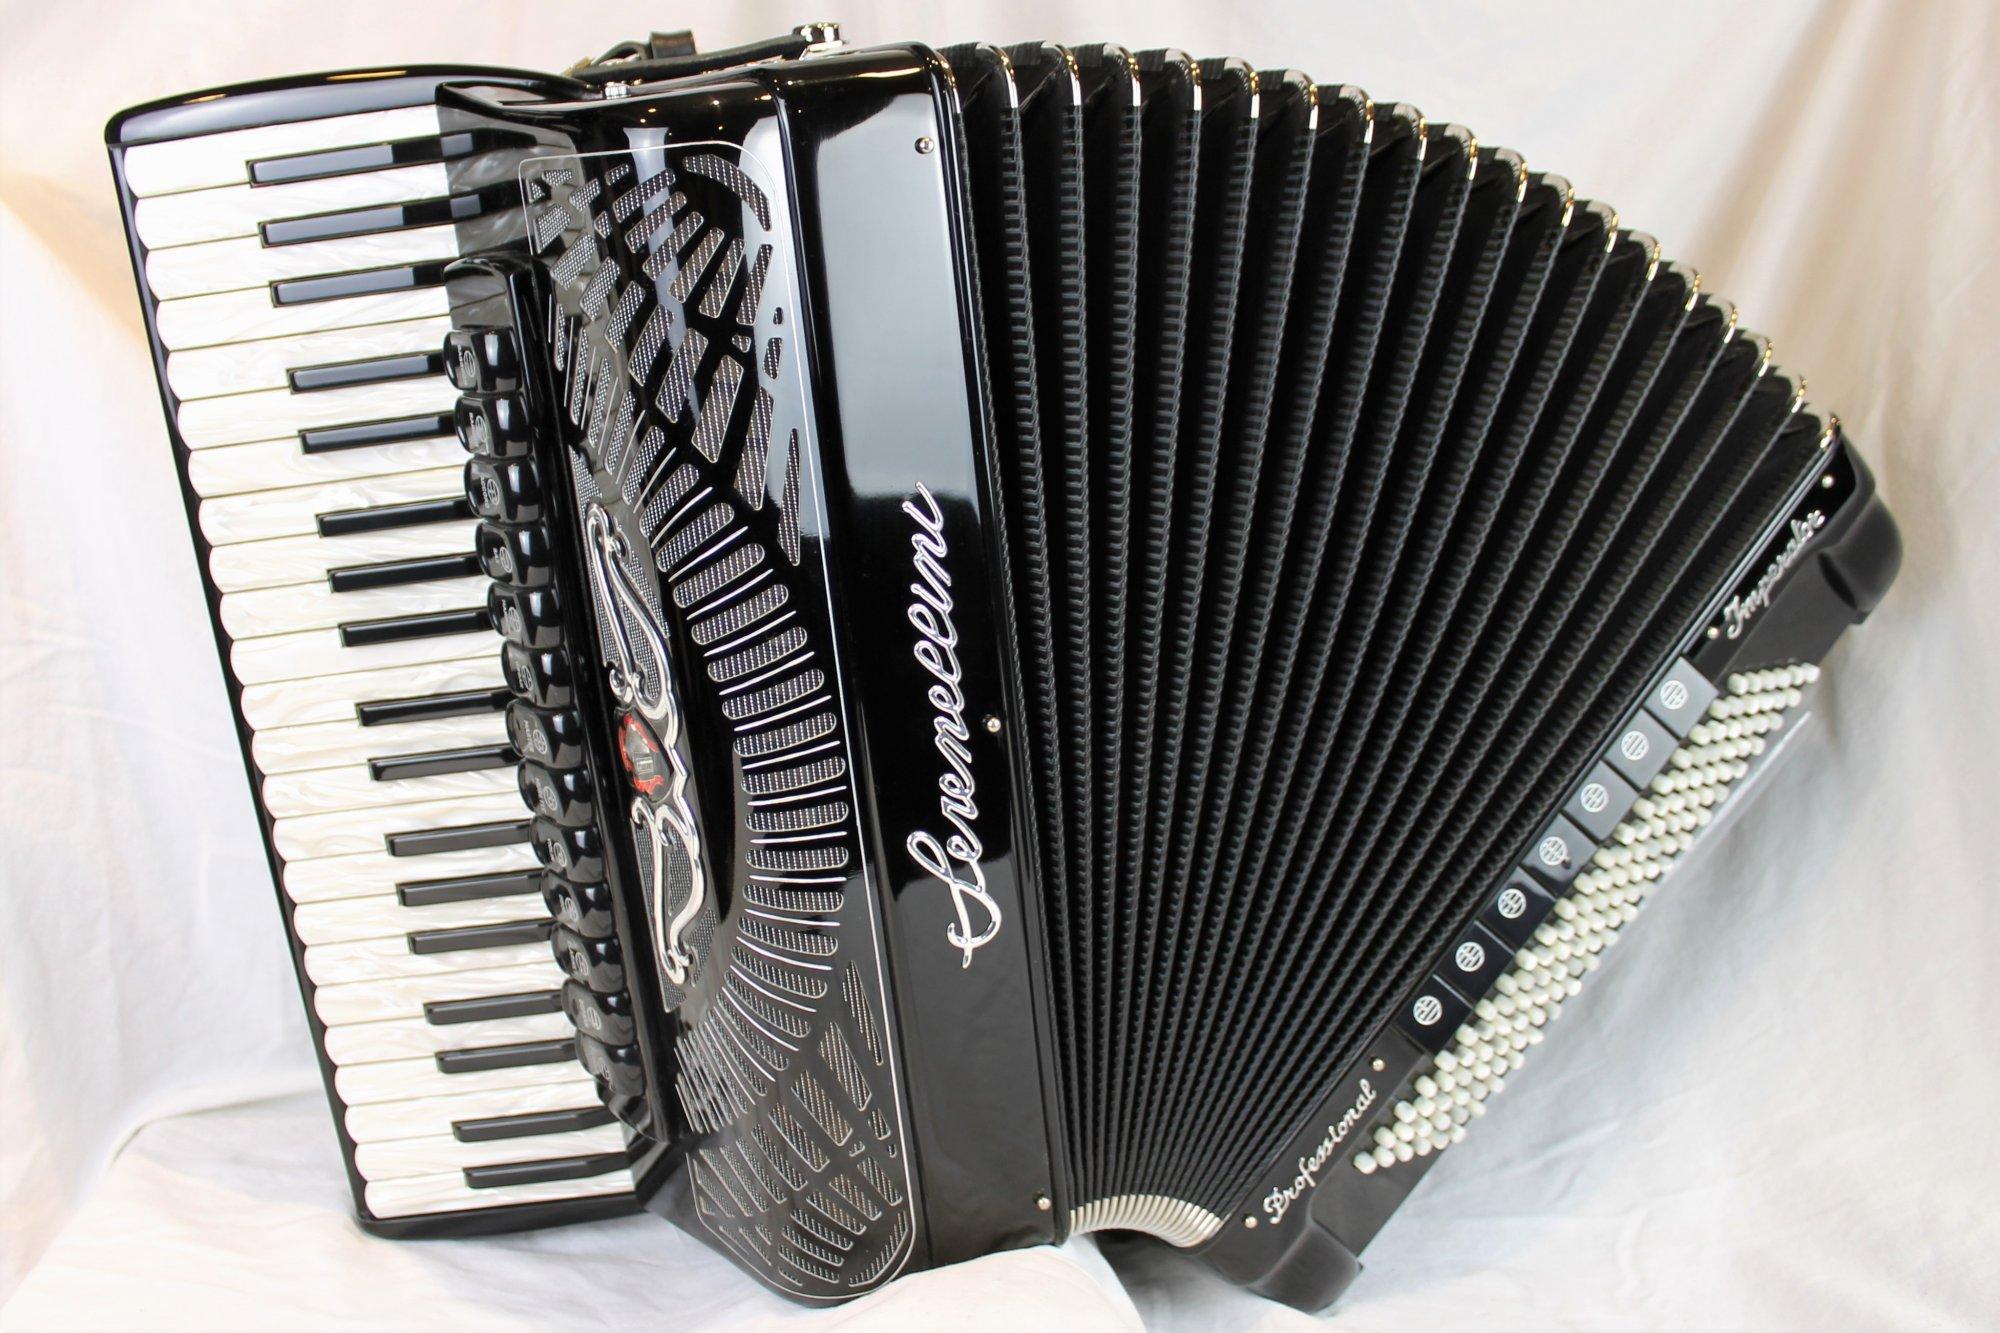 NEW Black Serenellini Imperator IV Silver Piano Accordion LMMH 41 120